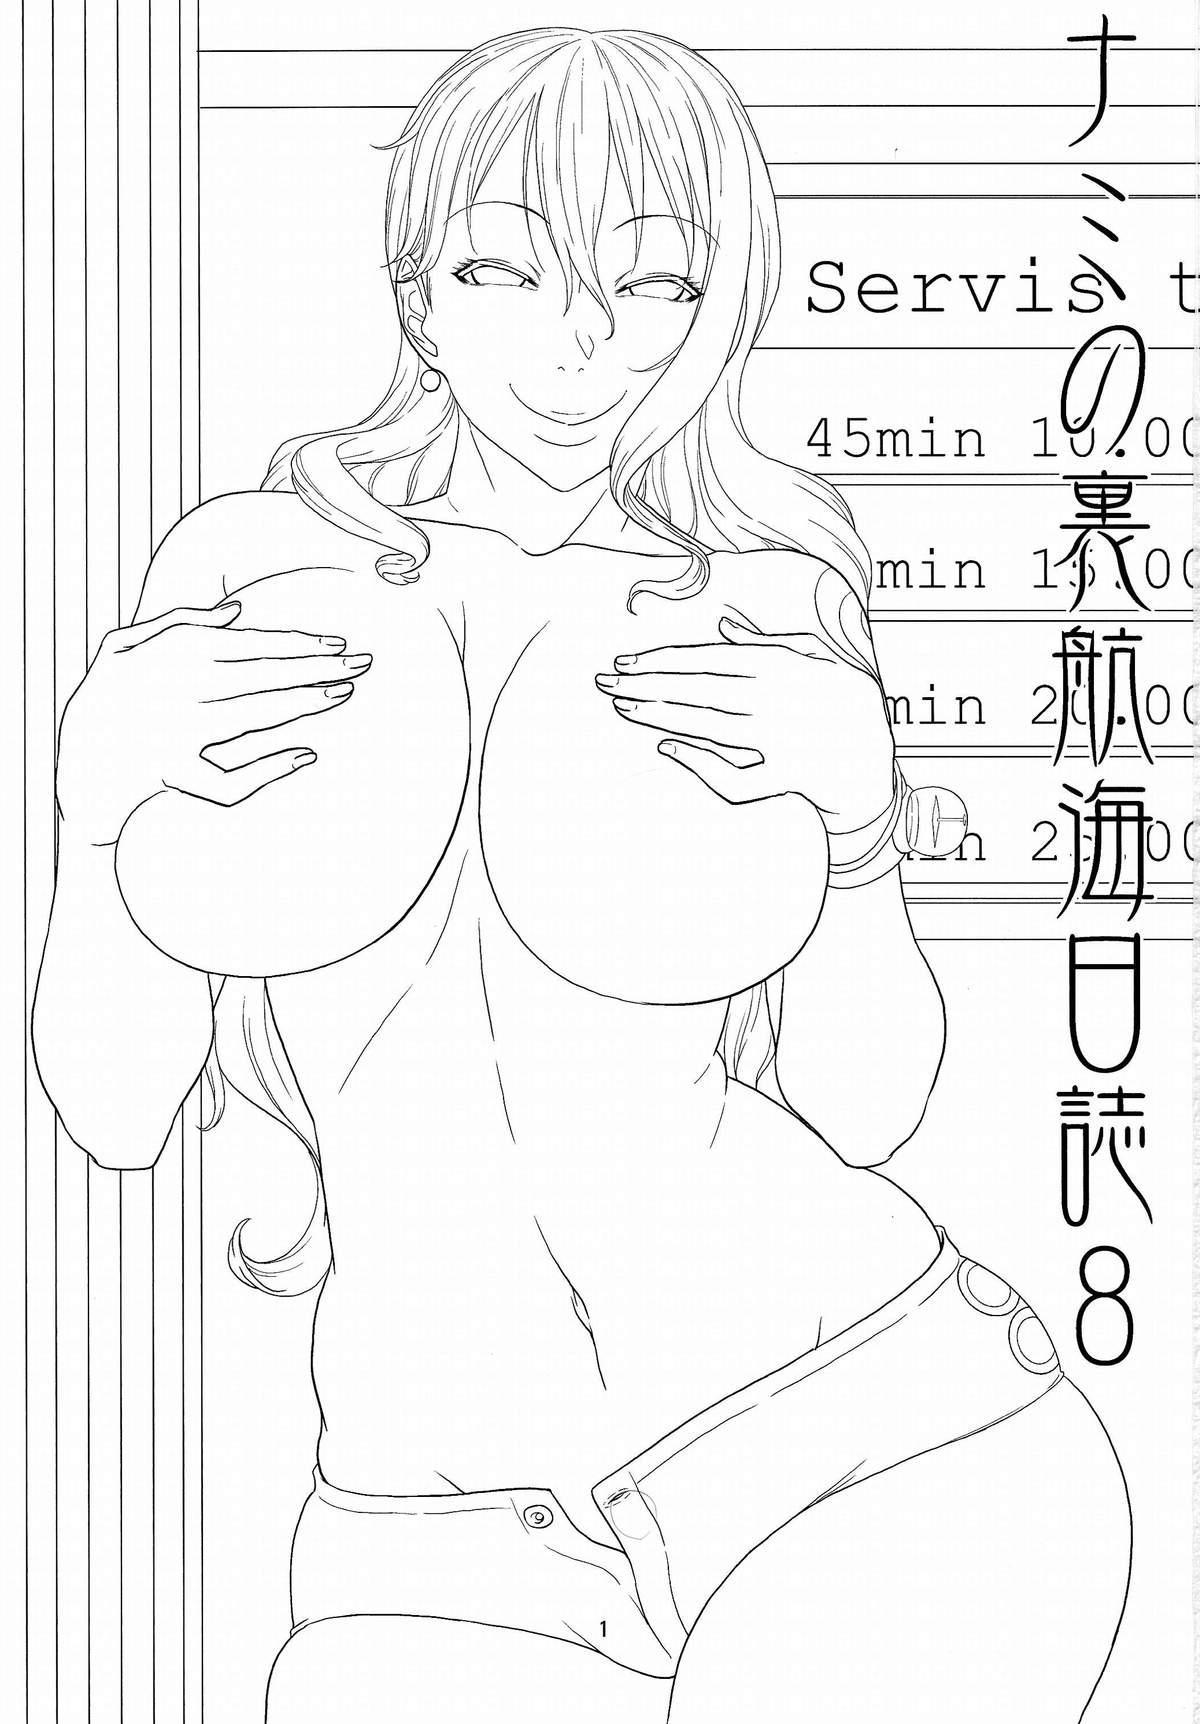 Nami no Ura Koukai Nisshi 8 | Nami's Backlog 8 1